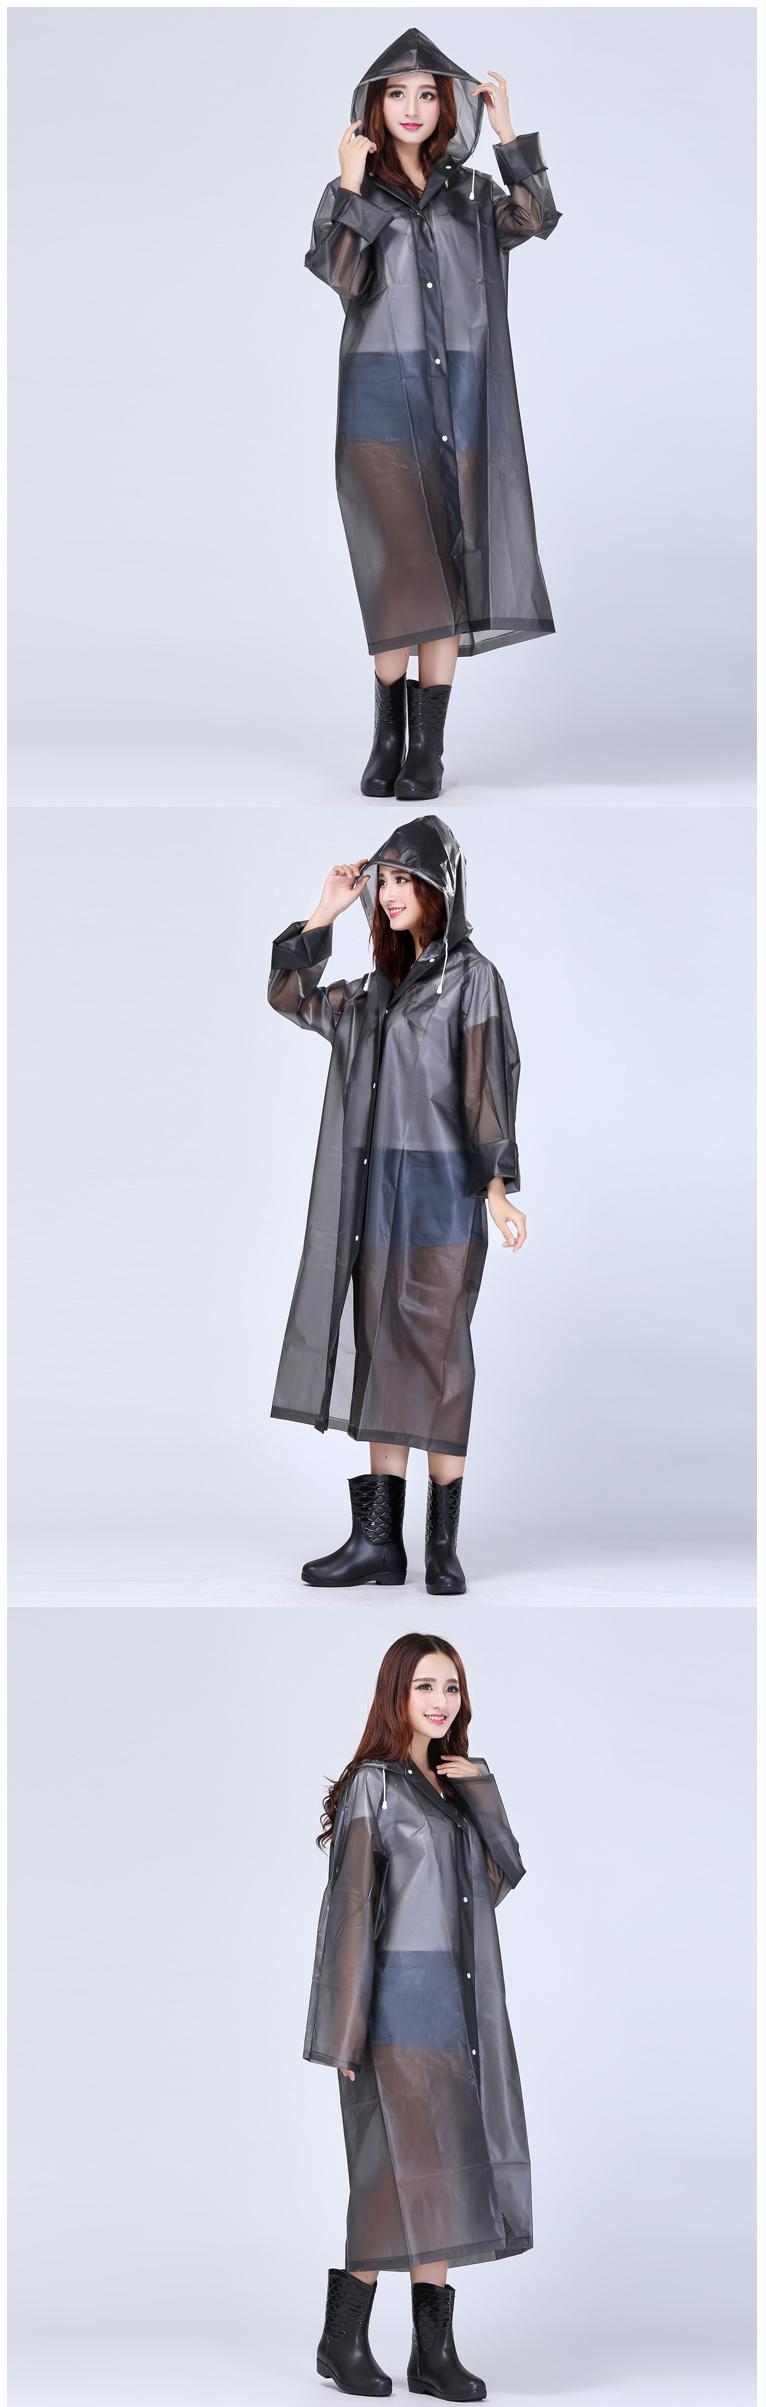 Women Transparent Portable Long Raincoats 13